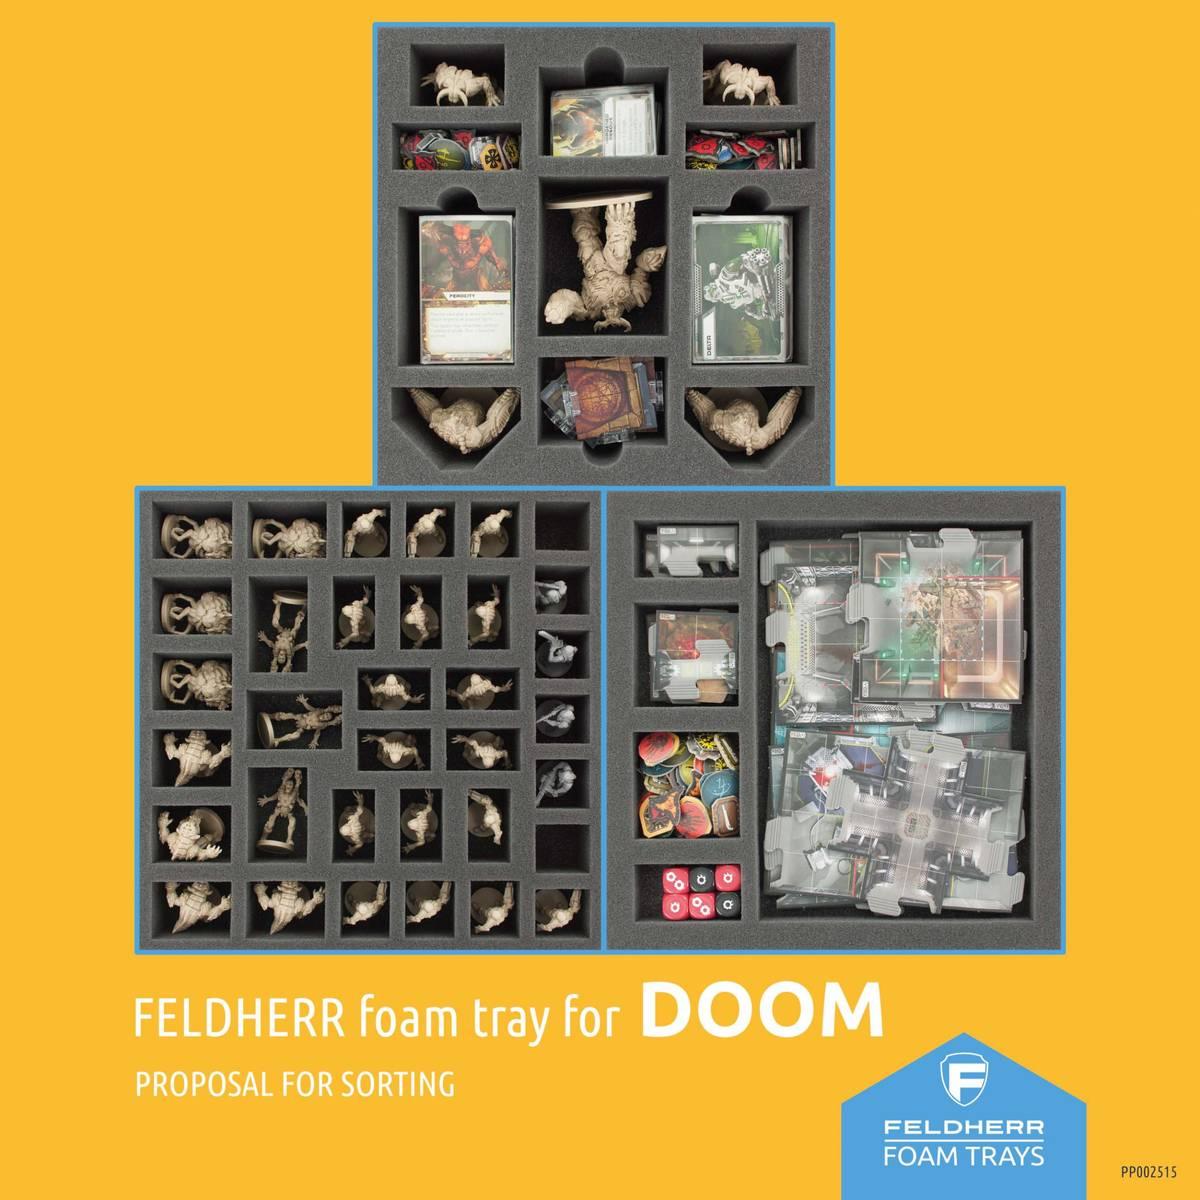 PP002515 - Flyer for Doom